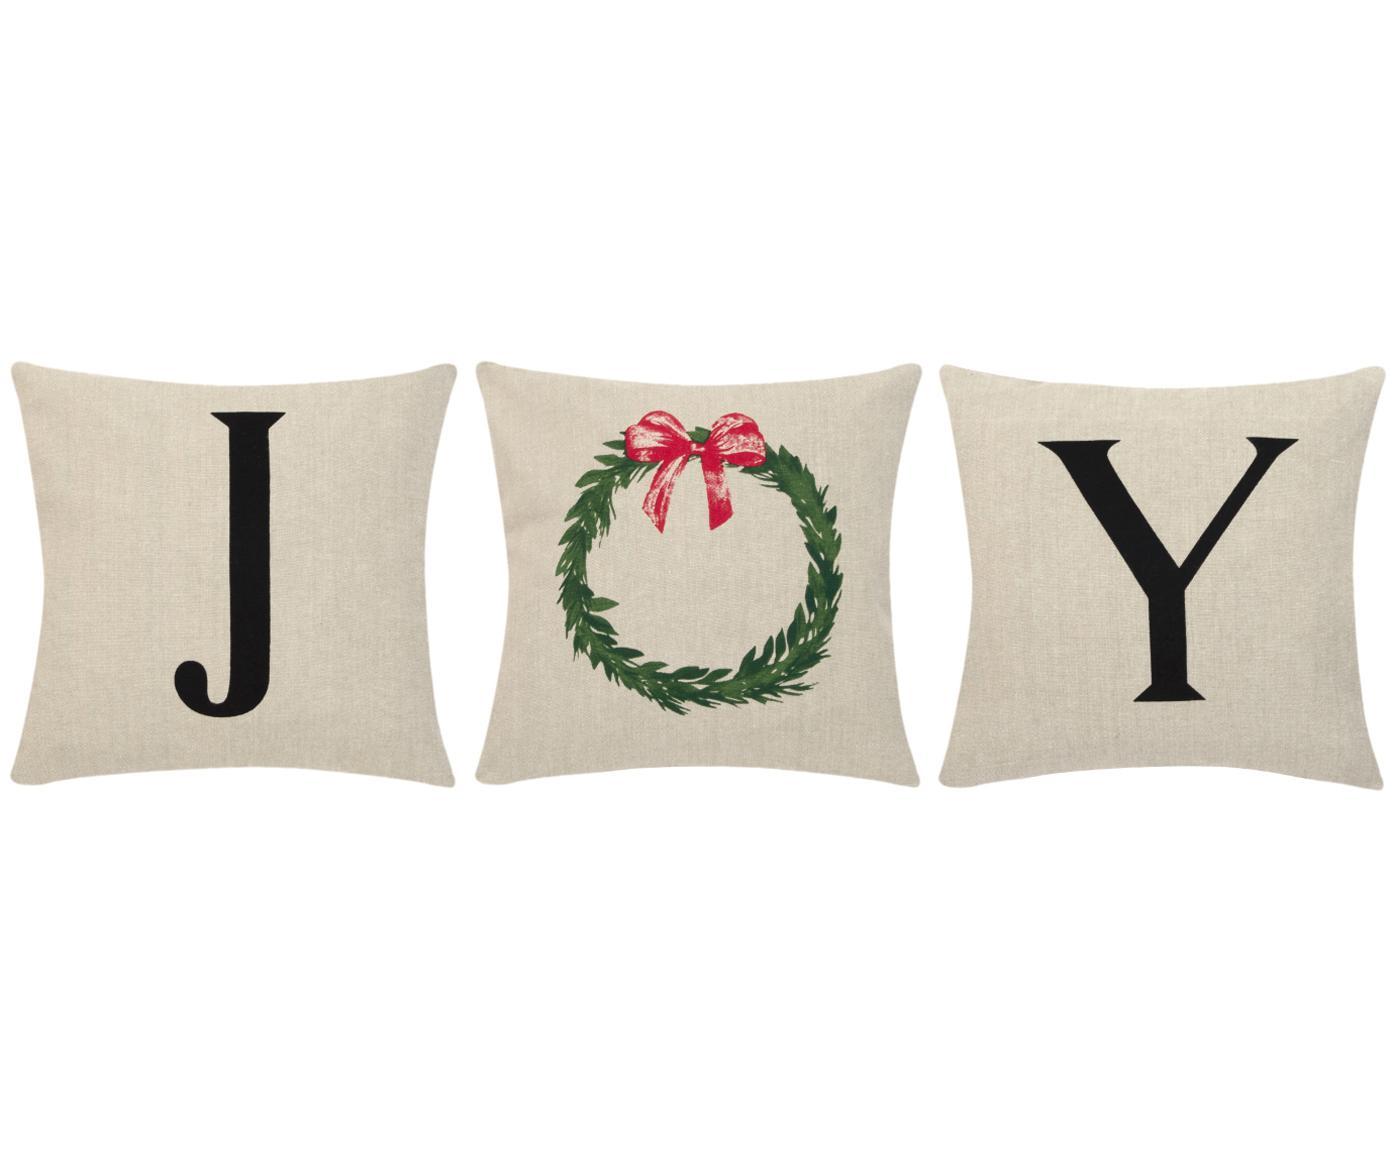 Kissenhüllen Joy, 3er-Set, Baumwolle, Beige, Schwarz, 40 x 40 cm